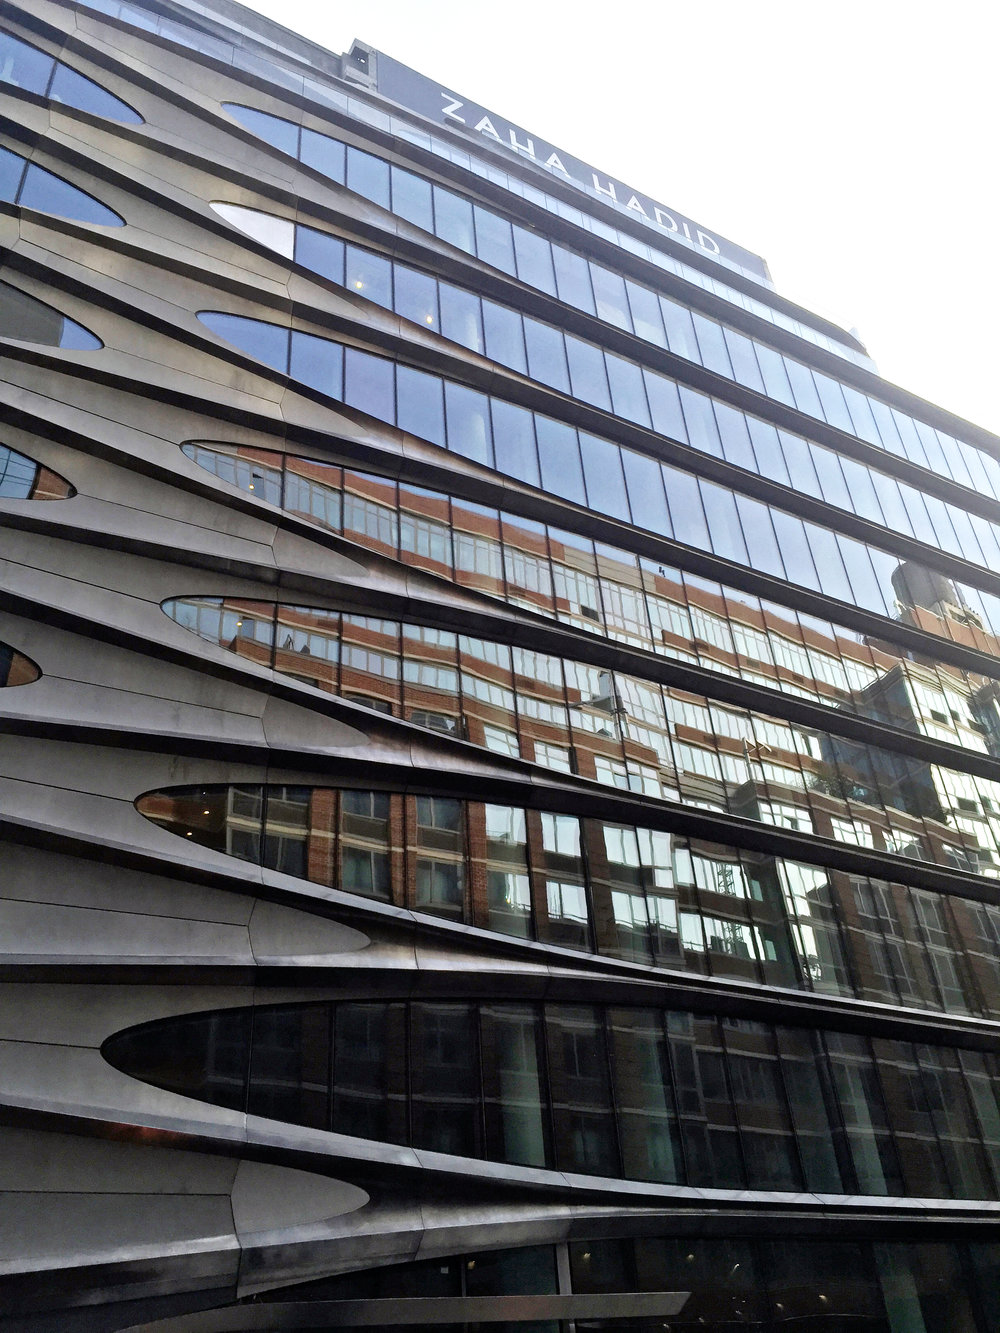 Zaha Hadid 520 W 28th New York City